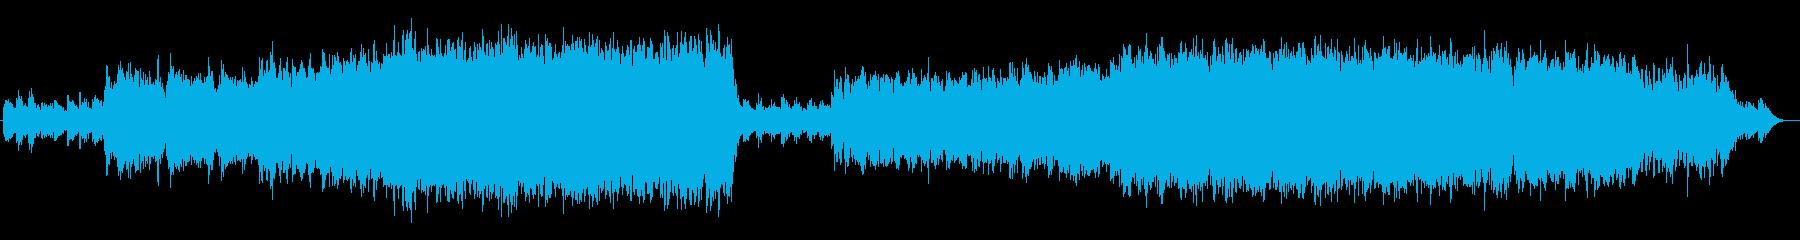 癒しとキラキラ感に満ちた曲の再生済みの波形